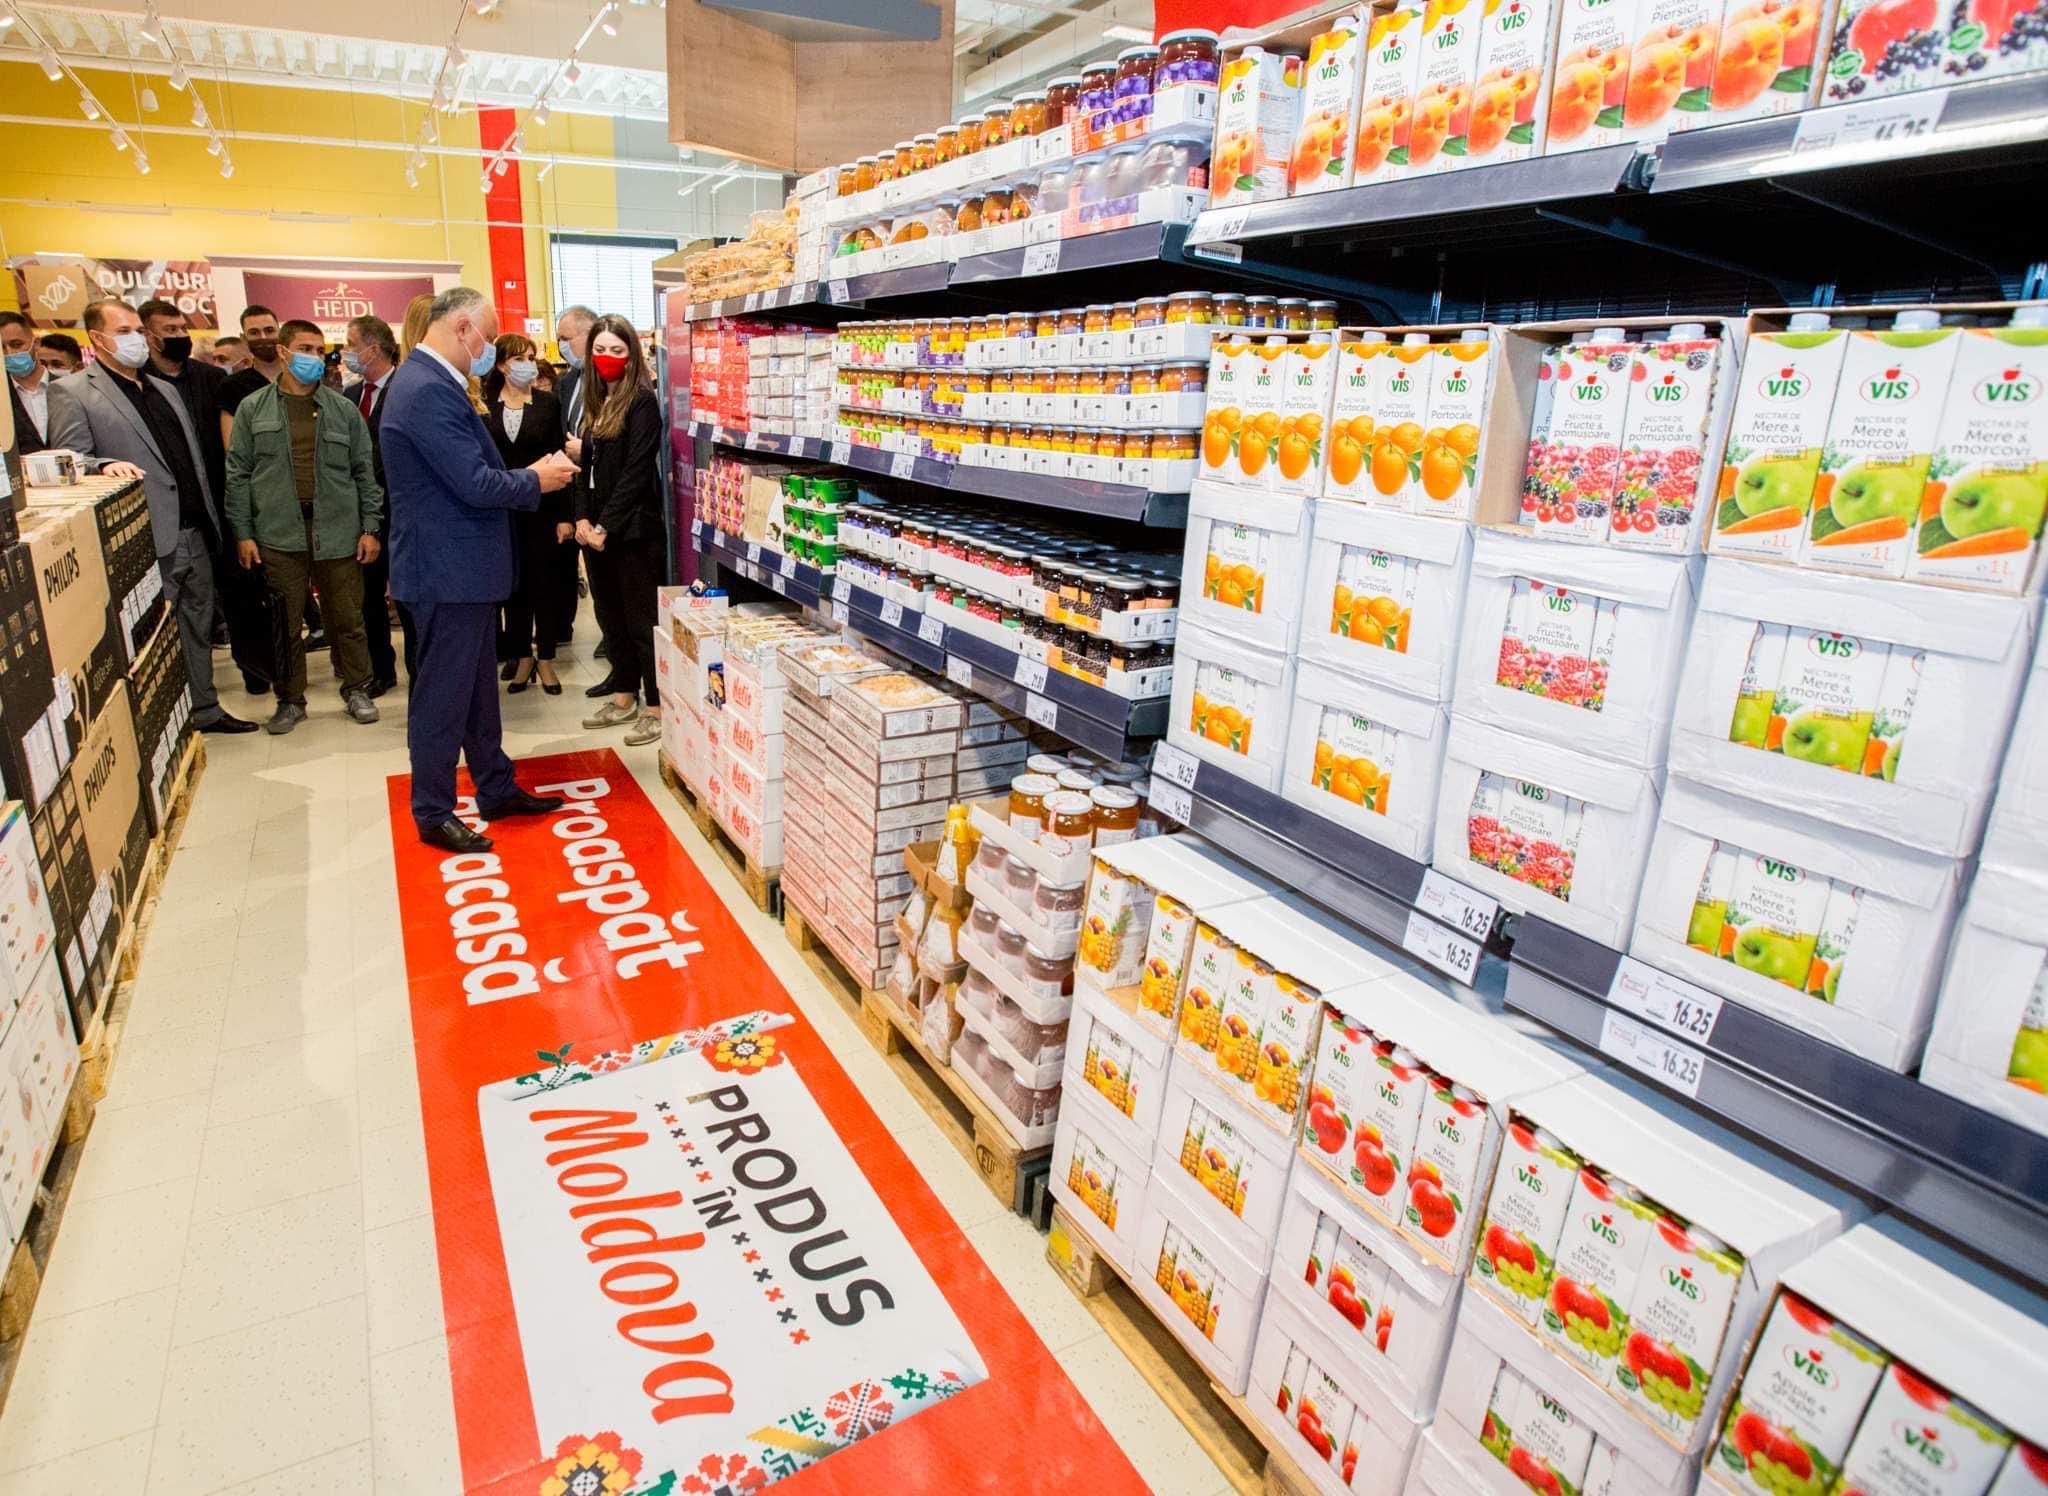 50% товаров местного производства: президент заверил в дальнейшей поддержке этого законопроекта (ФОТО, ВИДЕО)